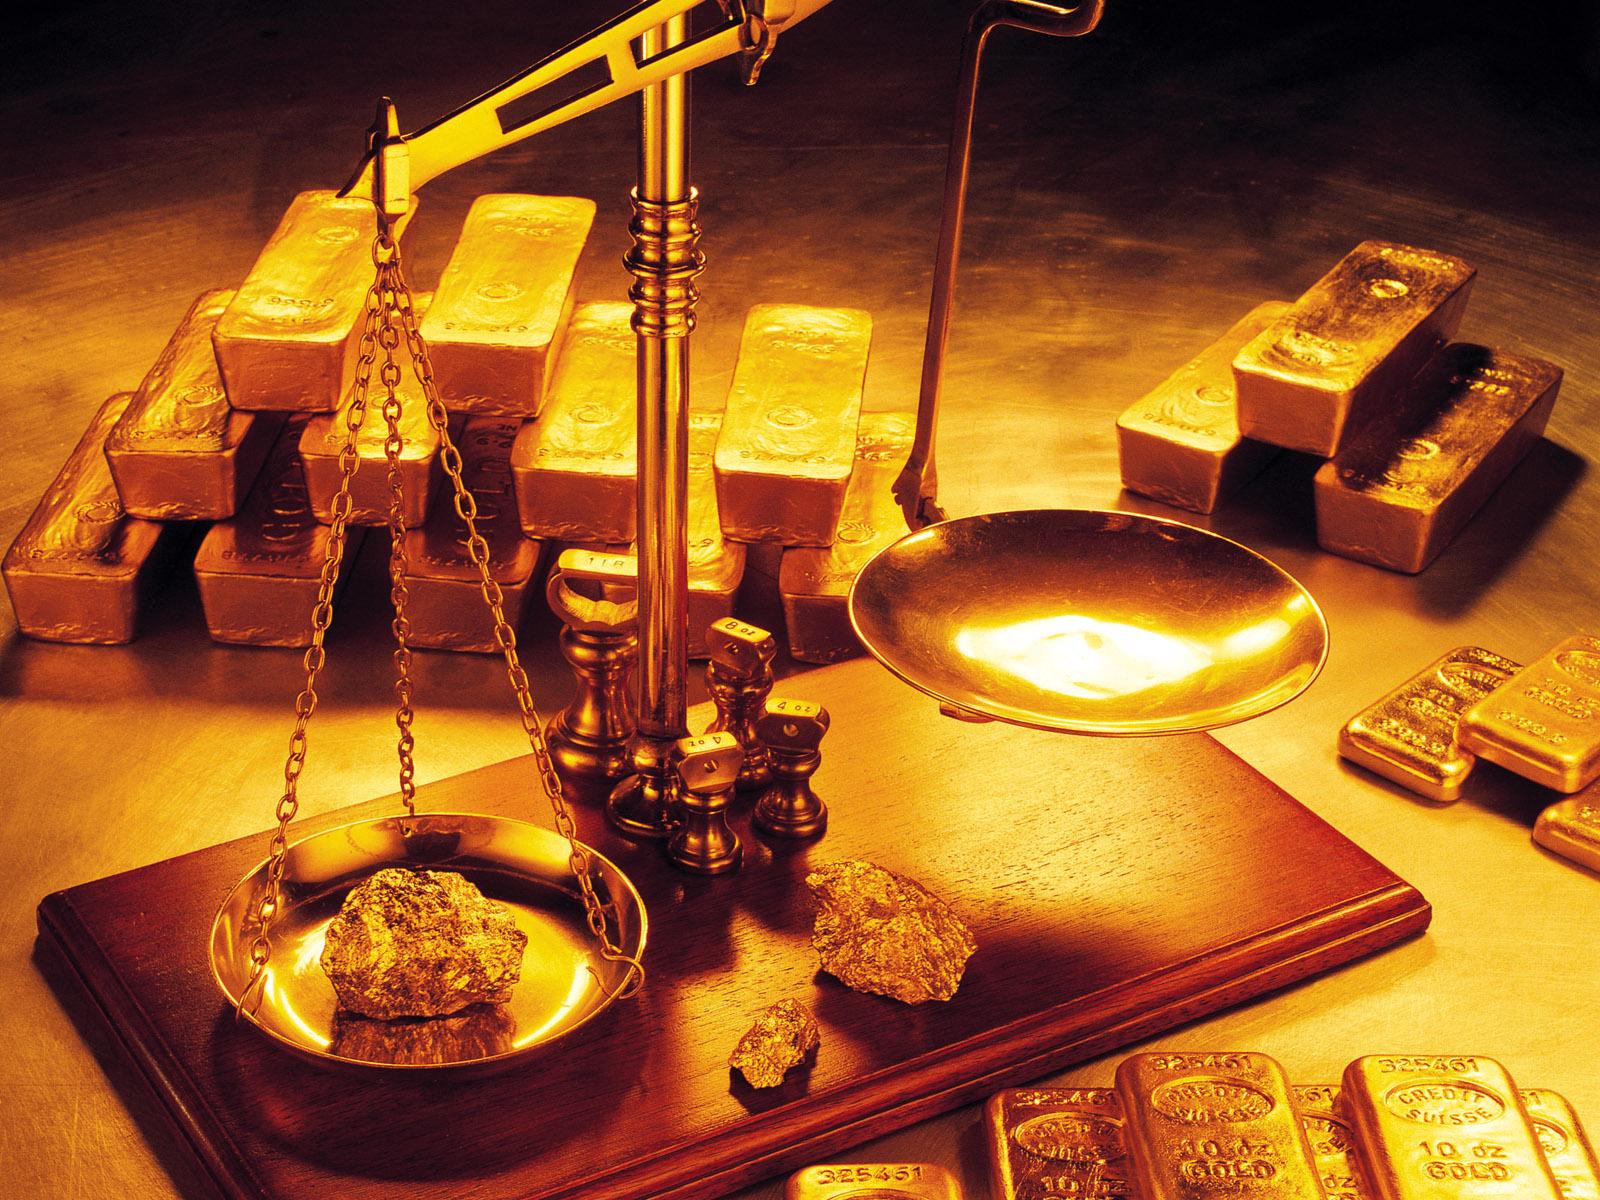 Le cours des métaux industriels remonte après un léger recul